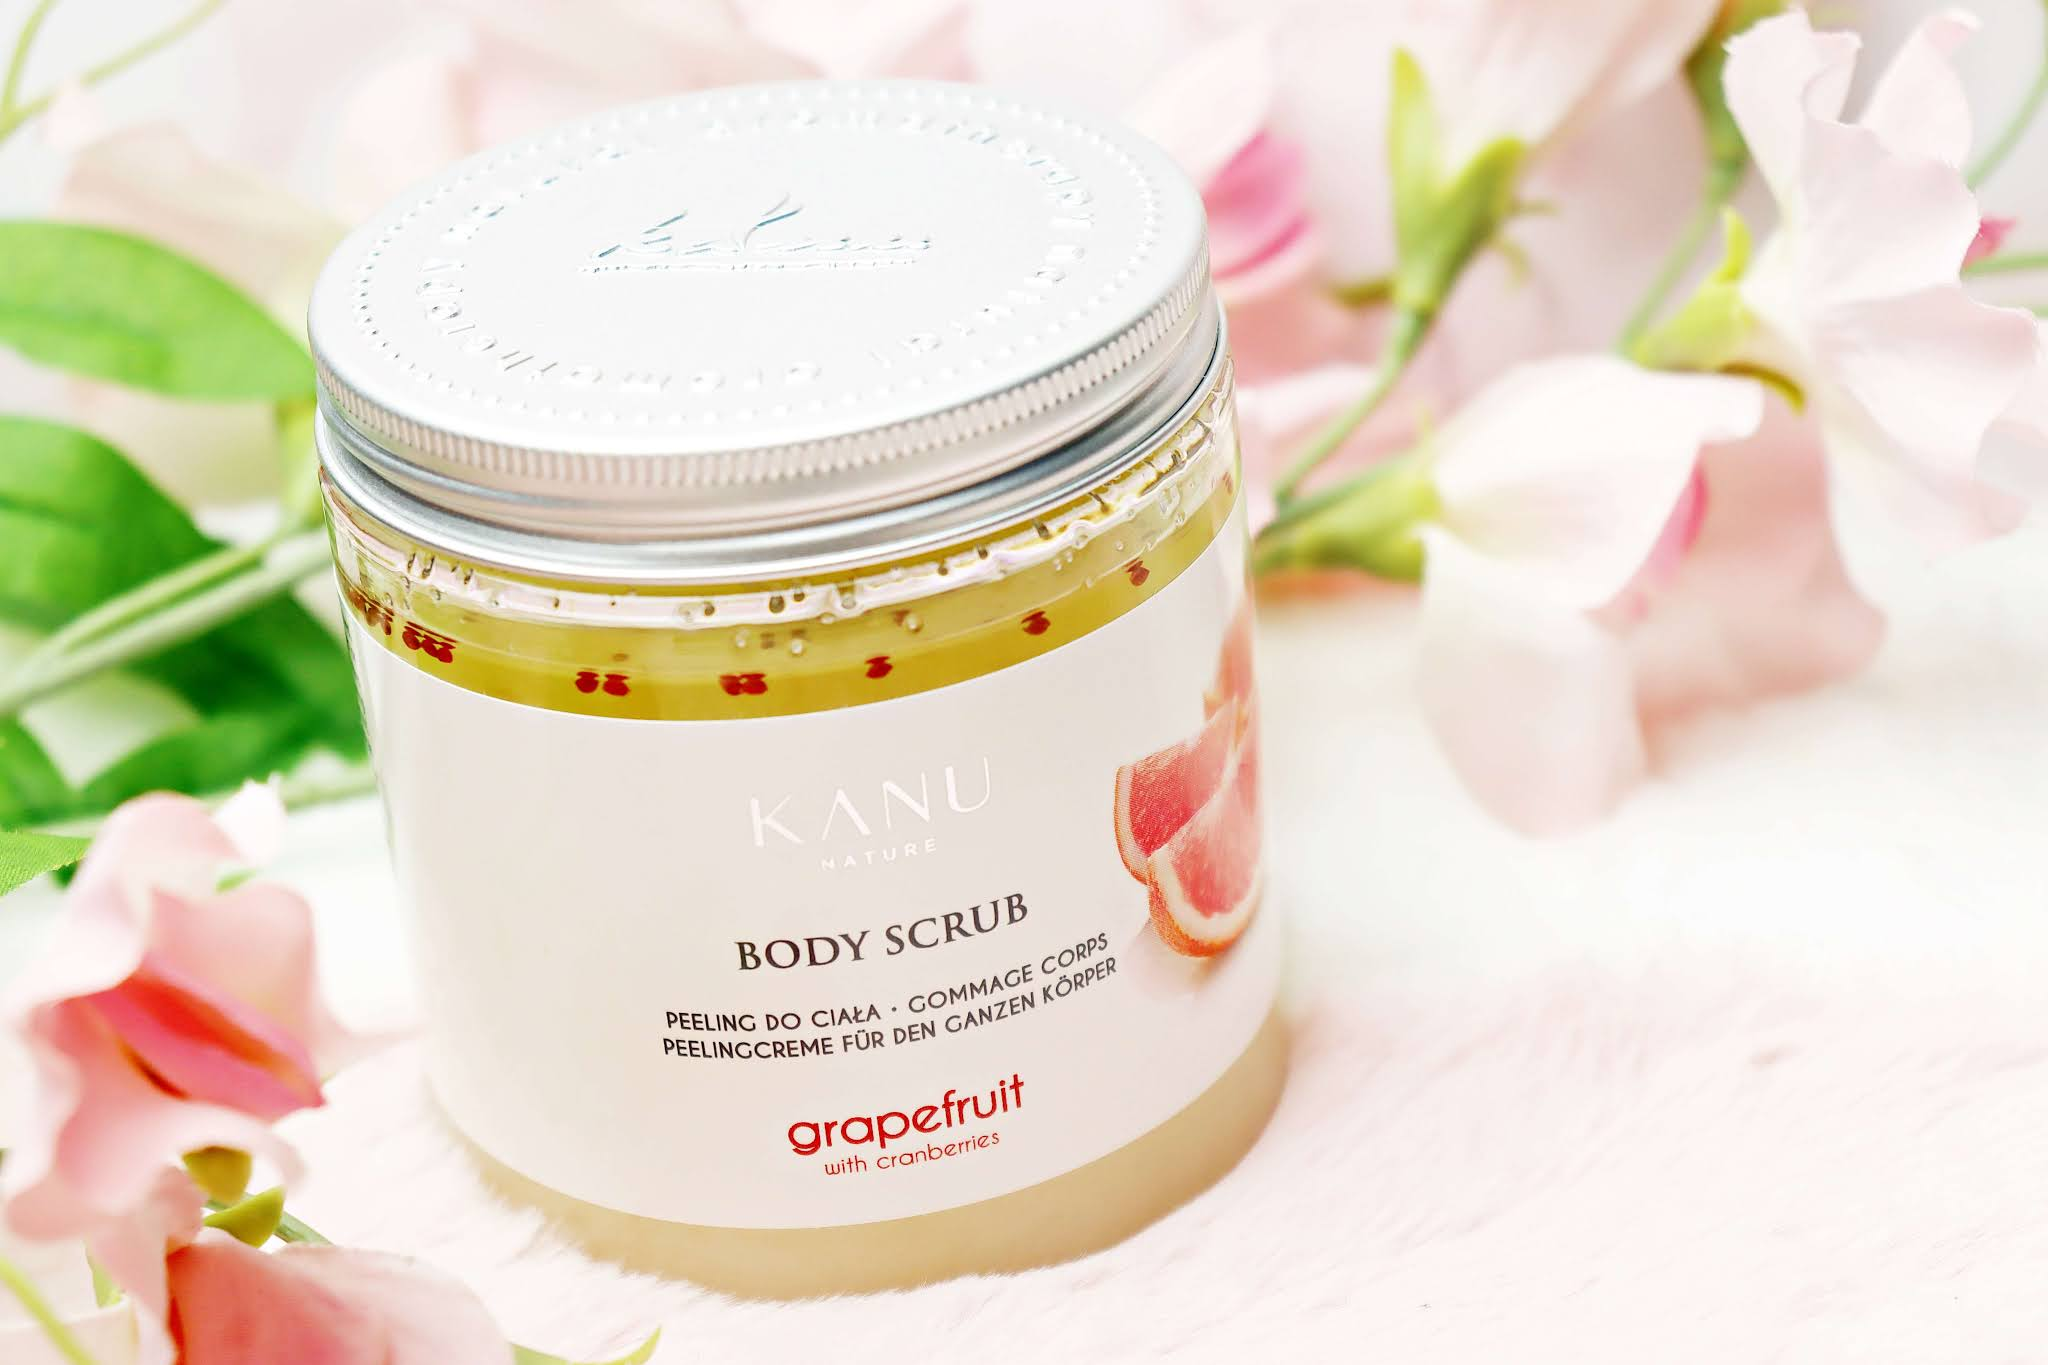 Przegląd Kosmetyków Kanu - Szampon w kostce, peeling, olejek do kapieli, masło do ciała